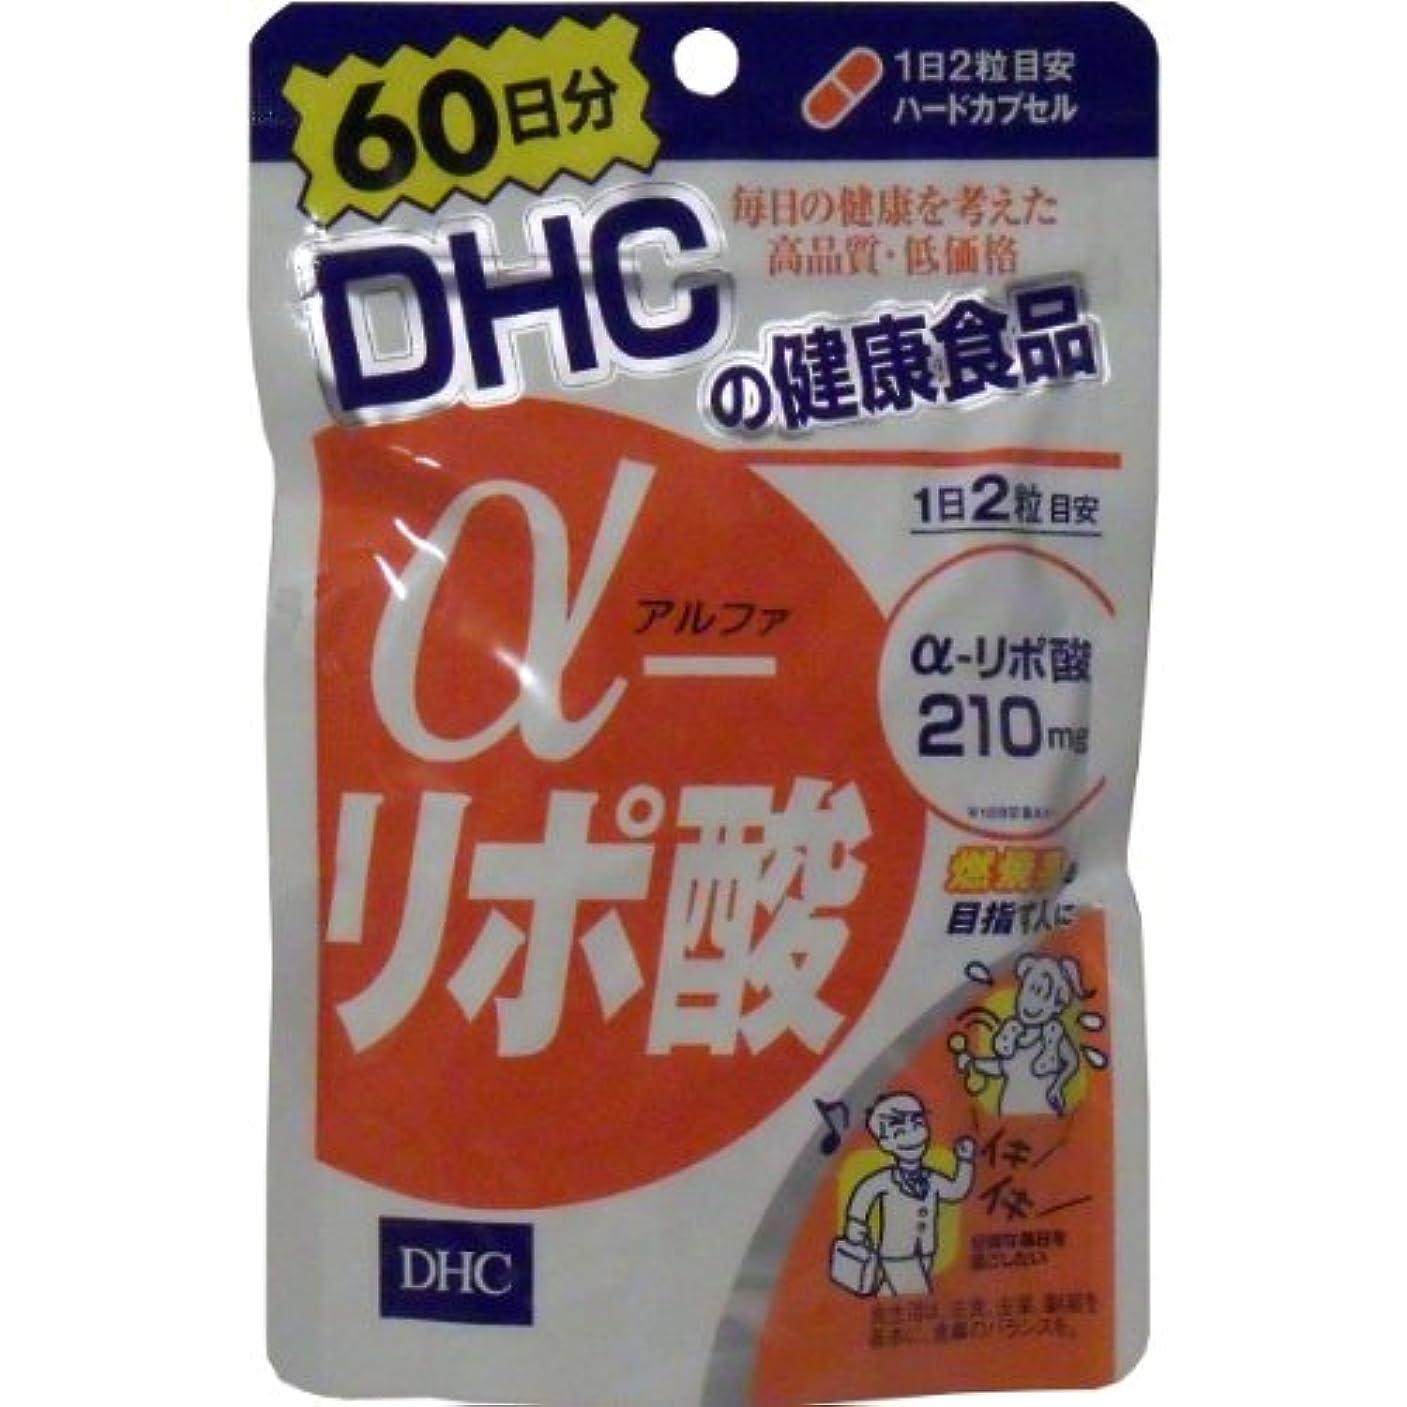 隠ストレージ脚本DHC α-リポ酸 120粒 60日分 ×6個セット